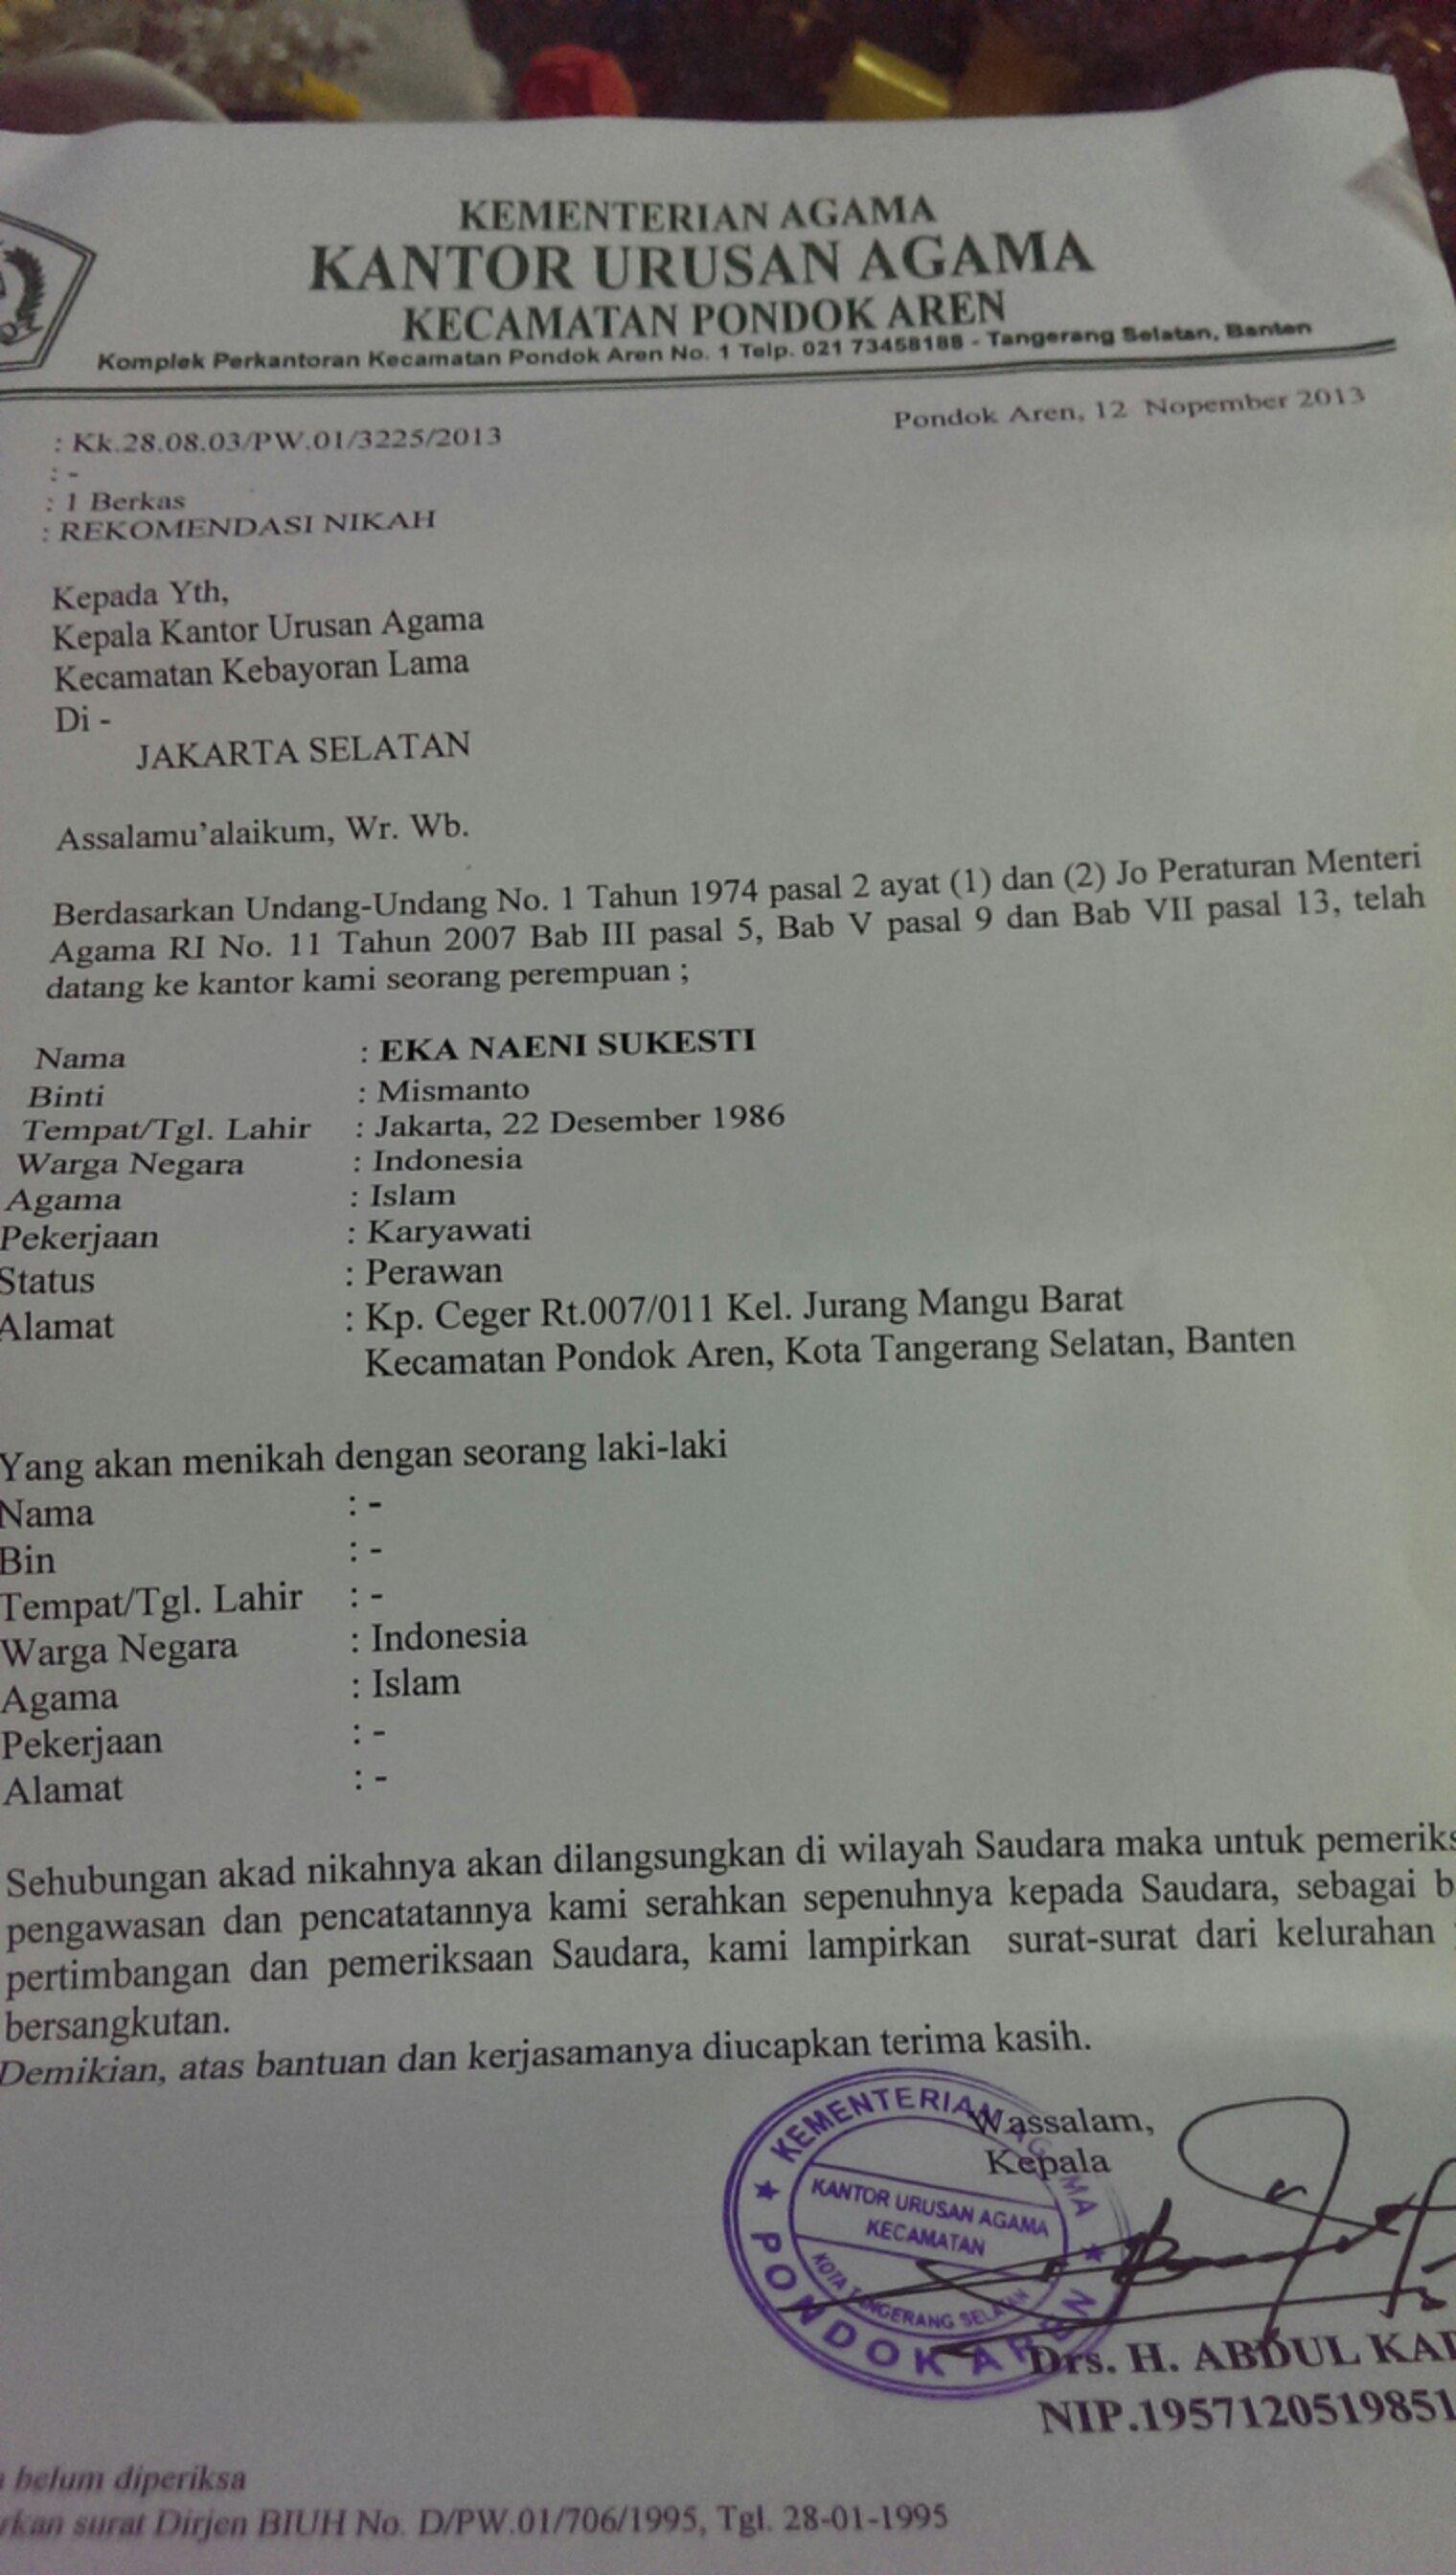 Contoh Surat Numpang Nikah Dari Kua Surat 35